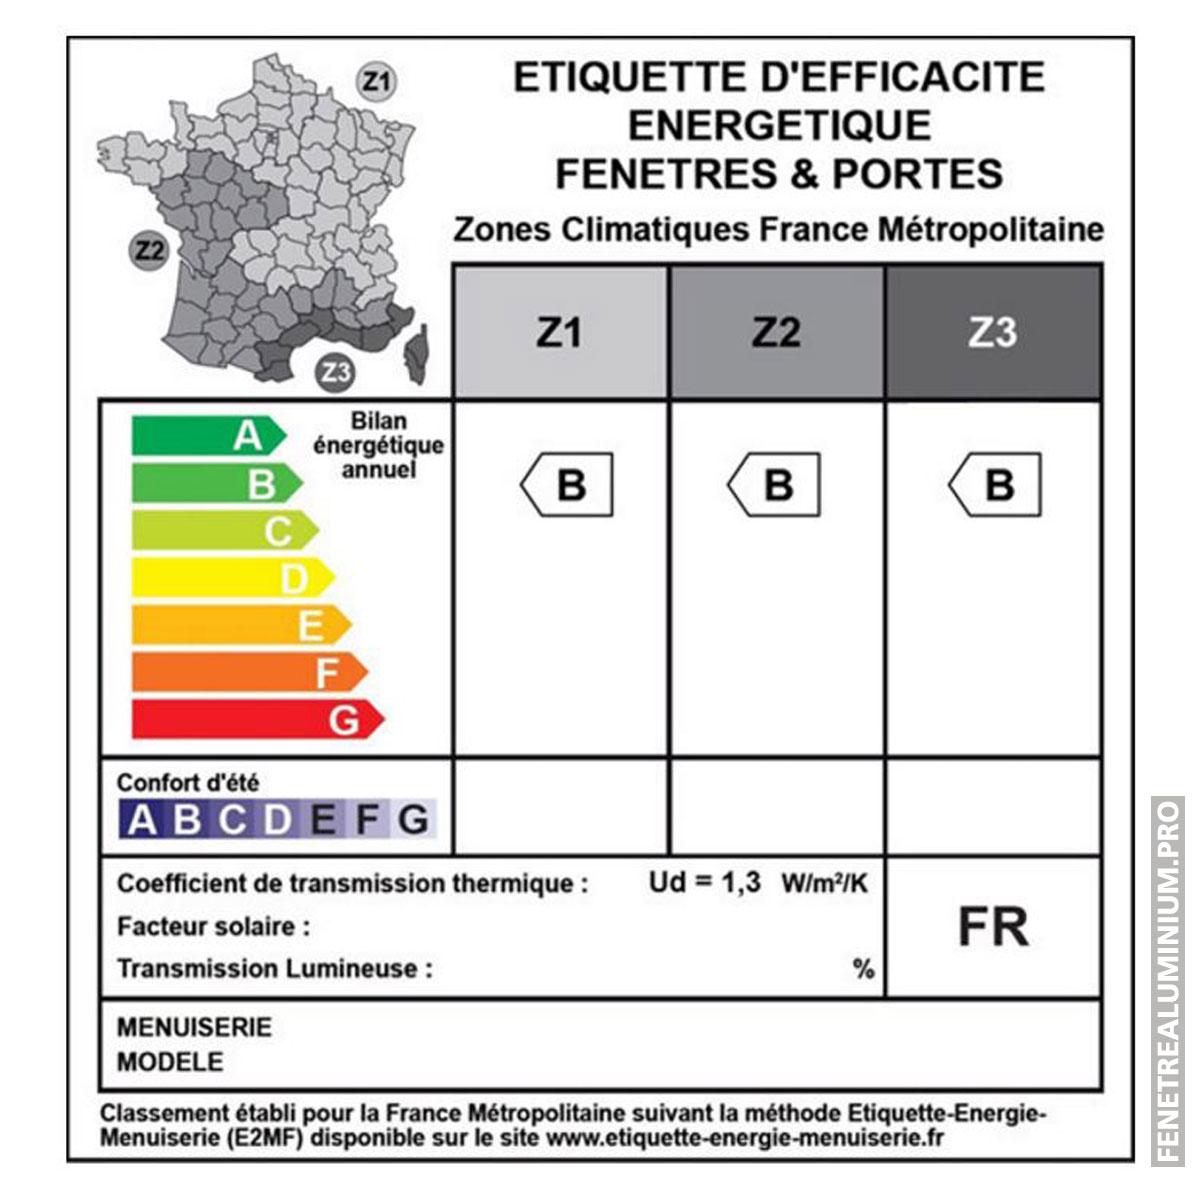 etiquette-energetique1